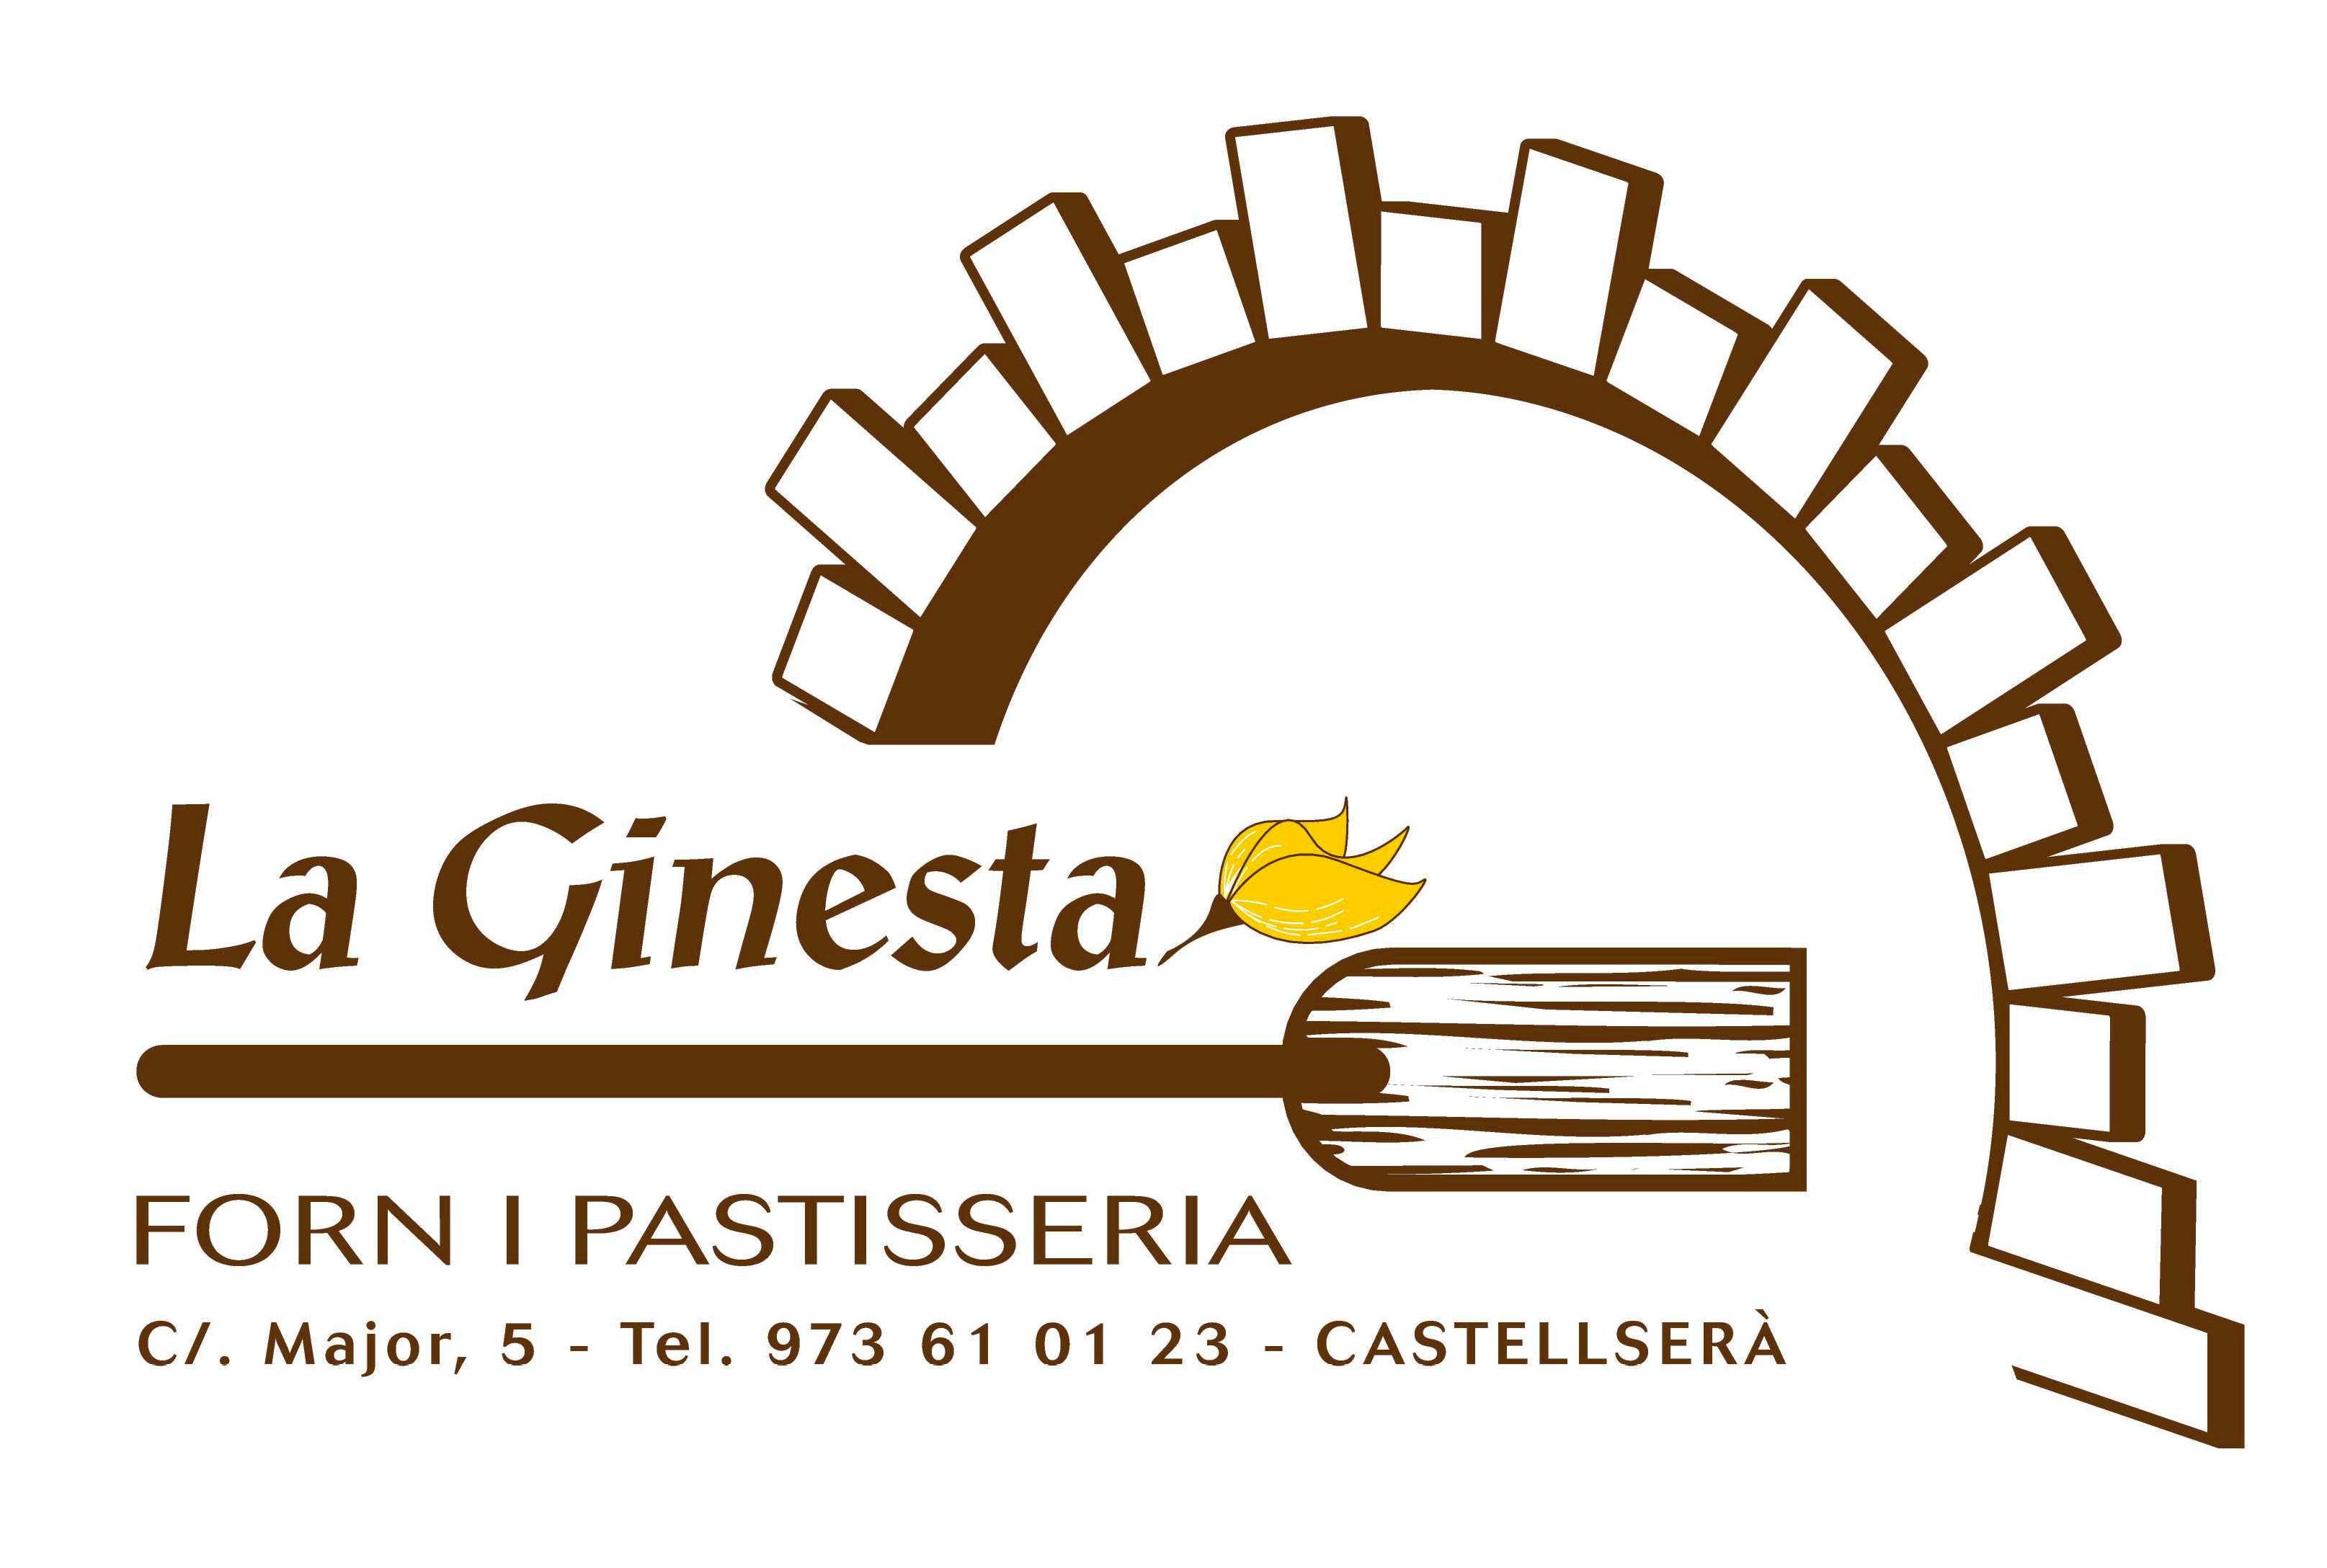 Fleca i pastisseria La Ginesta